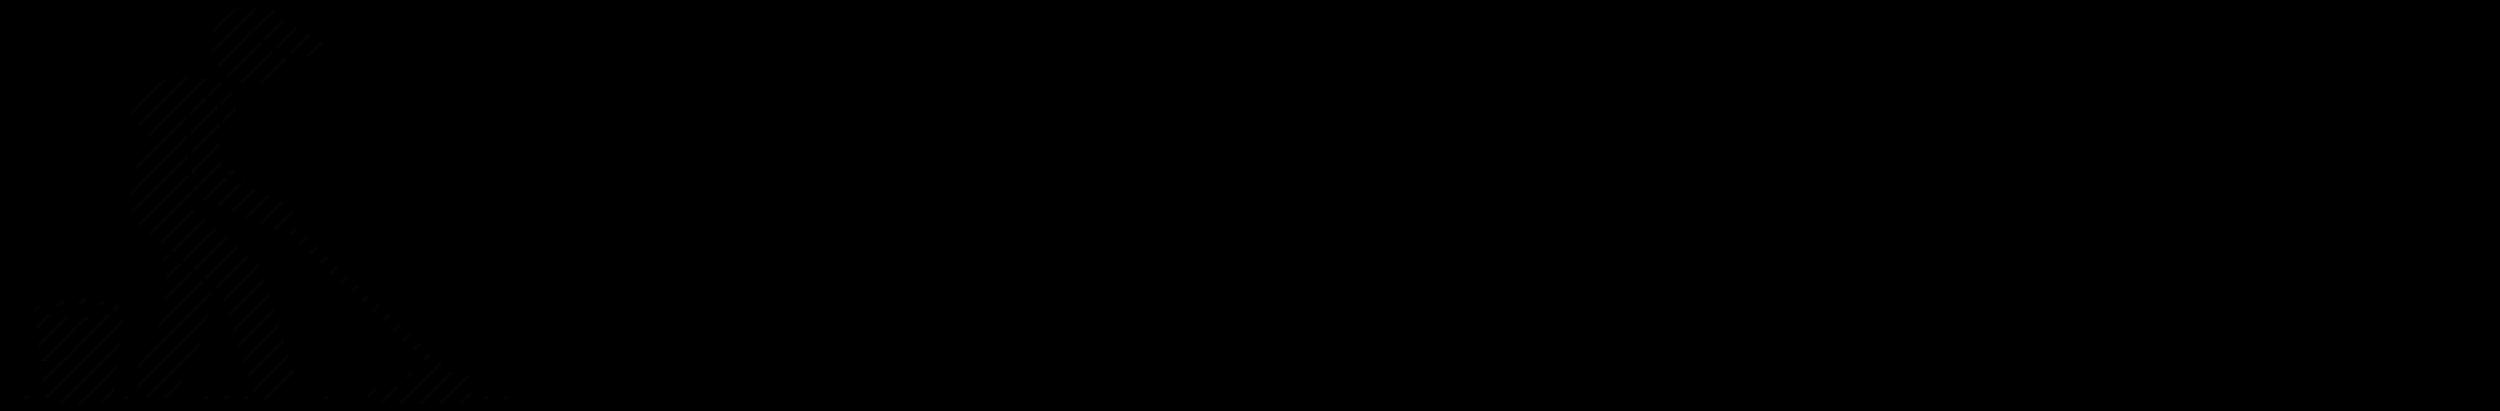 👷🏻✅💦Czyszczenie posadzek Katowice ✅ 👷🏻betonowych, ✅mycie garaży, ✅mycie podłóg, ✅cennik, maszynowe, ✅ doczyszczanie,Śląsk, Katowice, Sosnowiec, Tychy, Mikołów, ✅czyszczenie hal przemysłowych śląsk